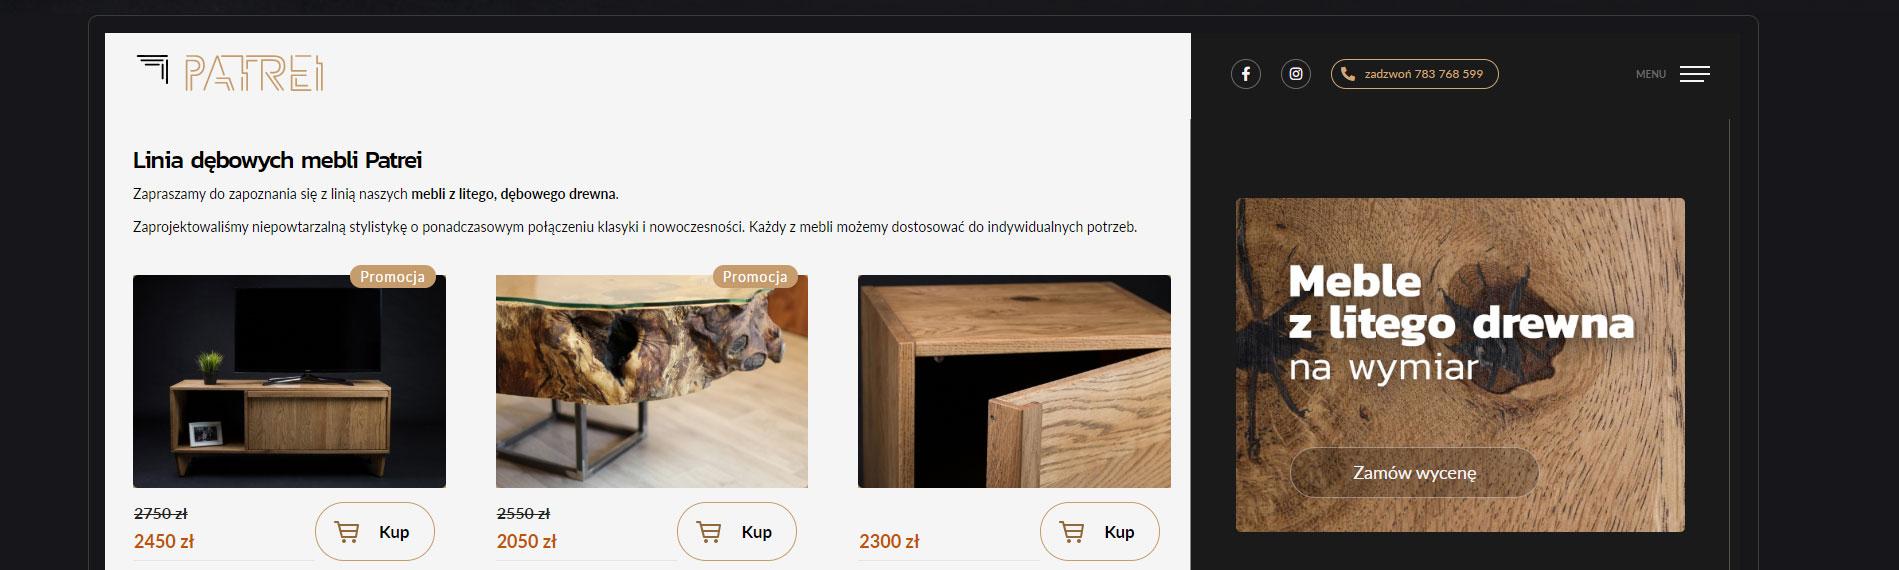 producent-mebli-z-litego-drewna-04